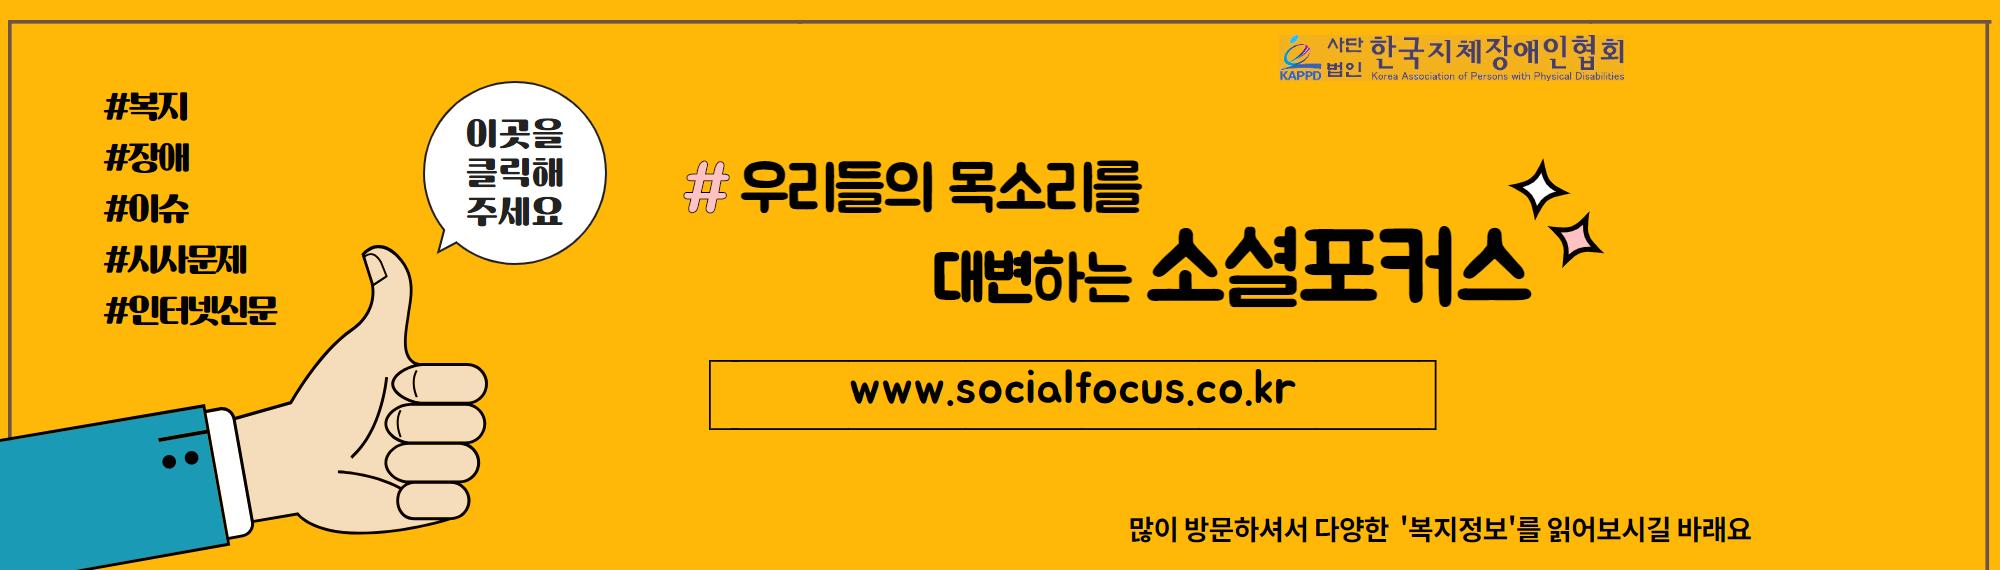 우리들의 목소리를 대변하는 '소셜포커스'는 장애와 관련된 이슈 및 복지정보를 소개하고 사회의 시사문제와 현안 및 이슈를 심층 분석하는 인터넷신문입니다. 대표 홈페이지인 'www.socialfocus.co.kr'에 접속하셔서 다양한 복지정보를 읽어보시길 바랍니다.